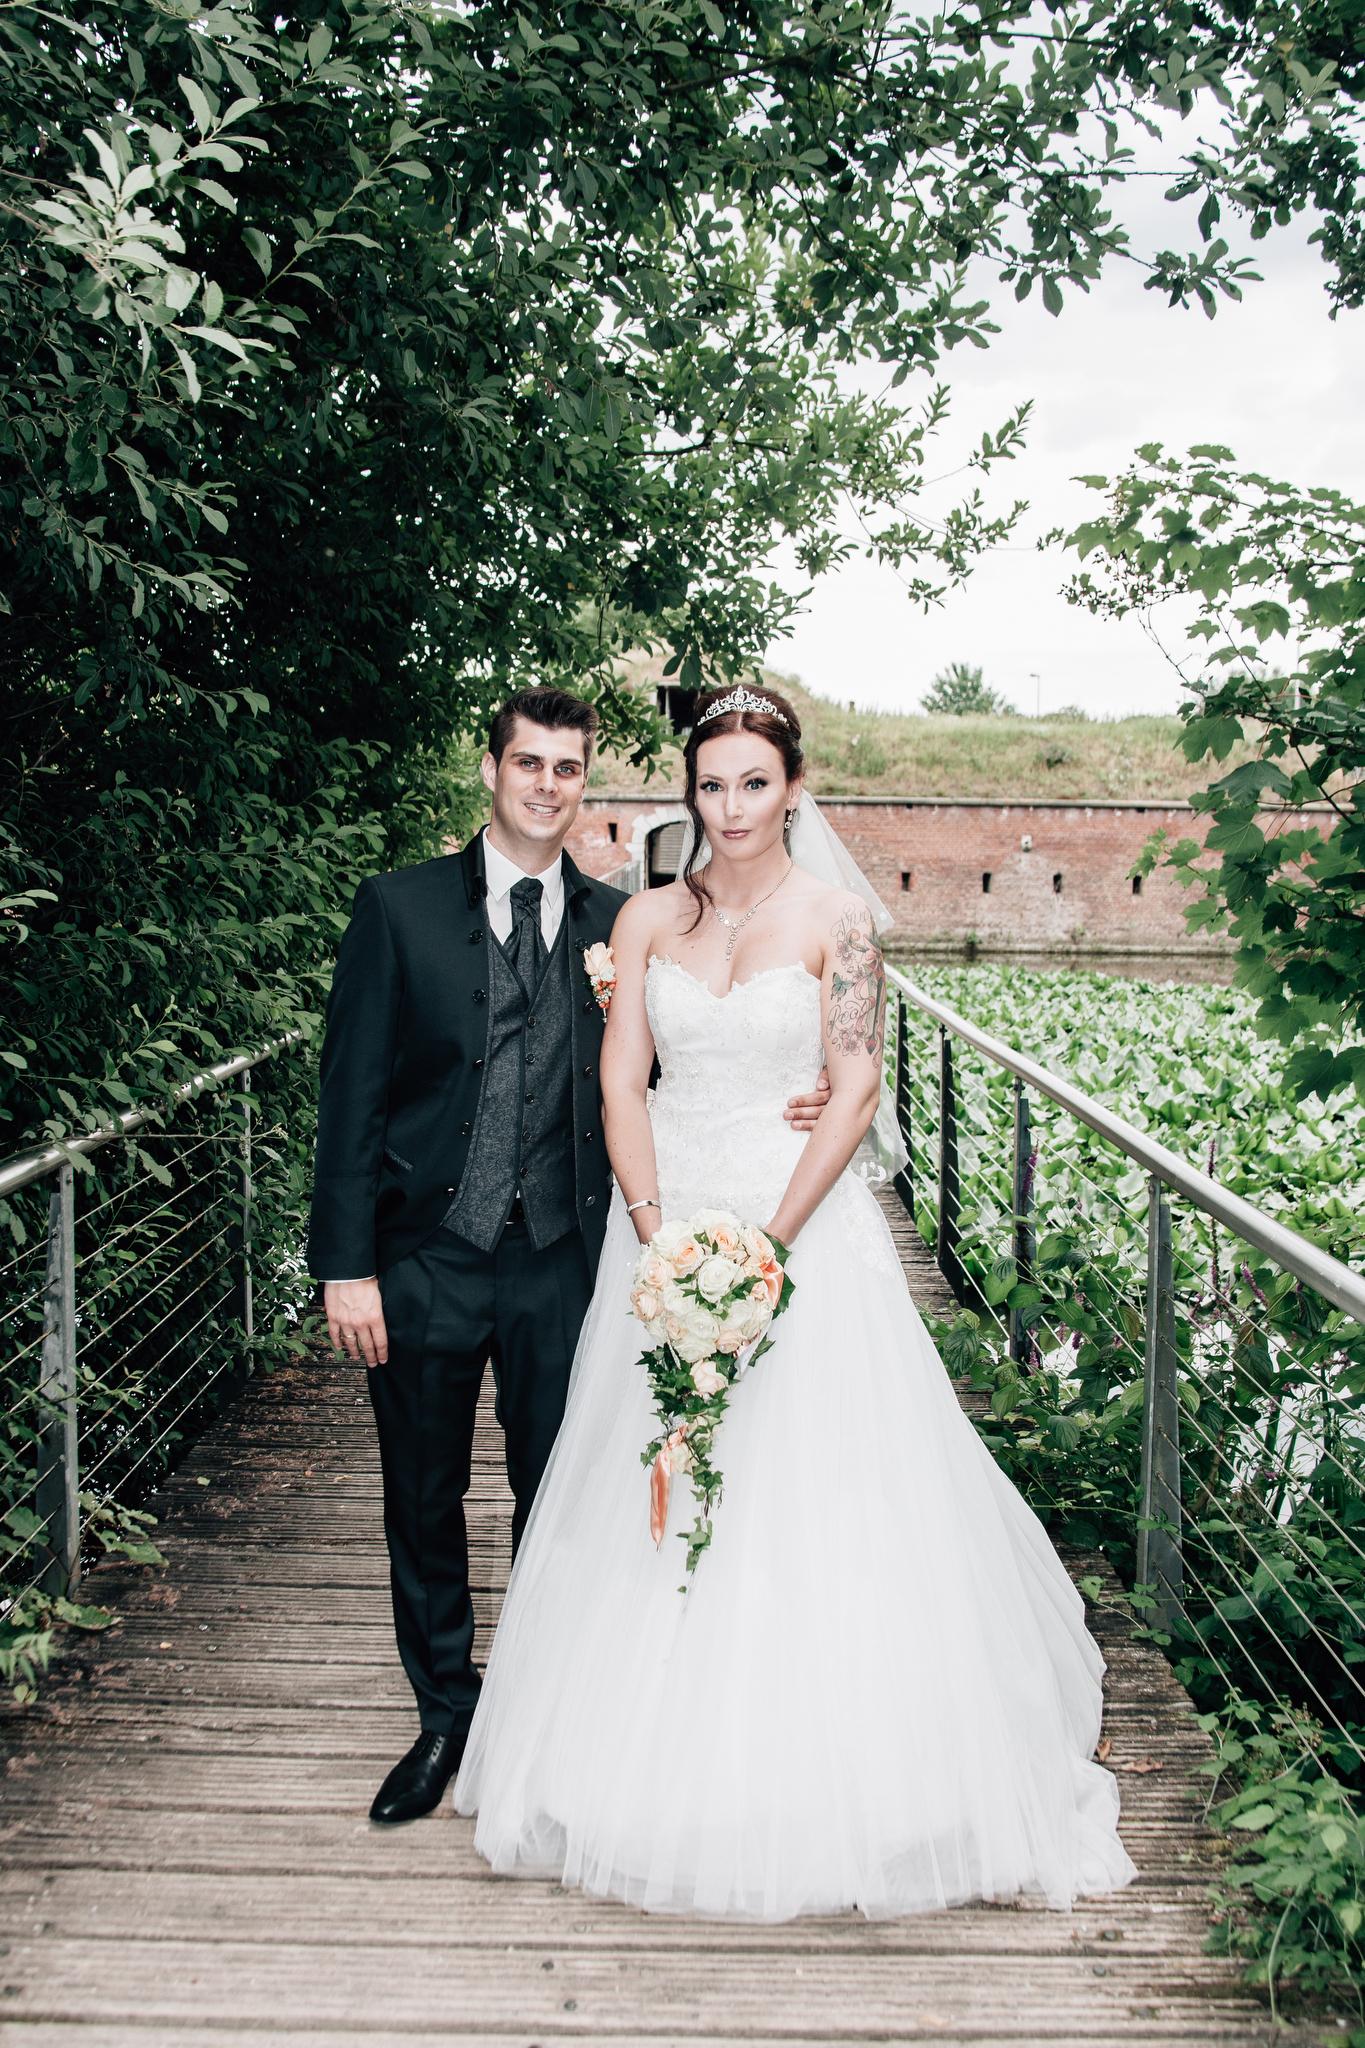 Claudia Krawinkel Fotografie Hochzeitsfotografie Hochzeit Blumenhalle im Brückenkopfpark Jülich Essen Düsseldorf Bochum Dortmund Mönchengladbach NRW Ruhrgebiet 75